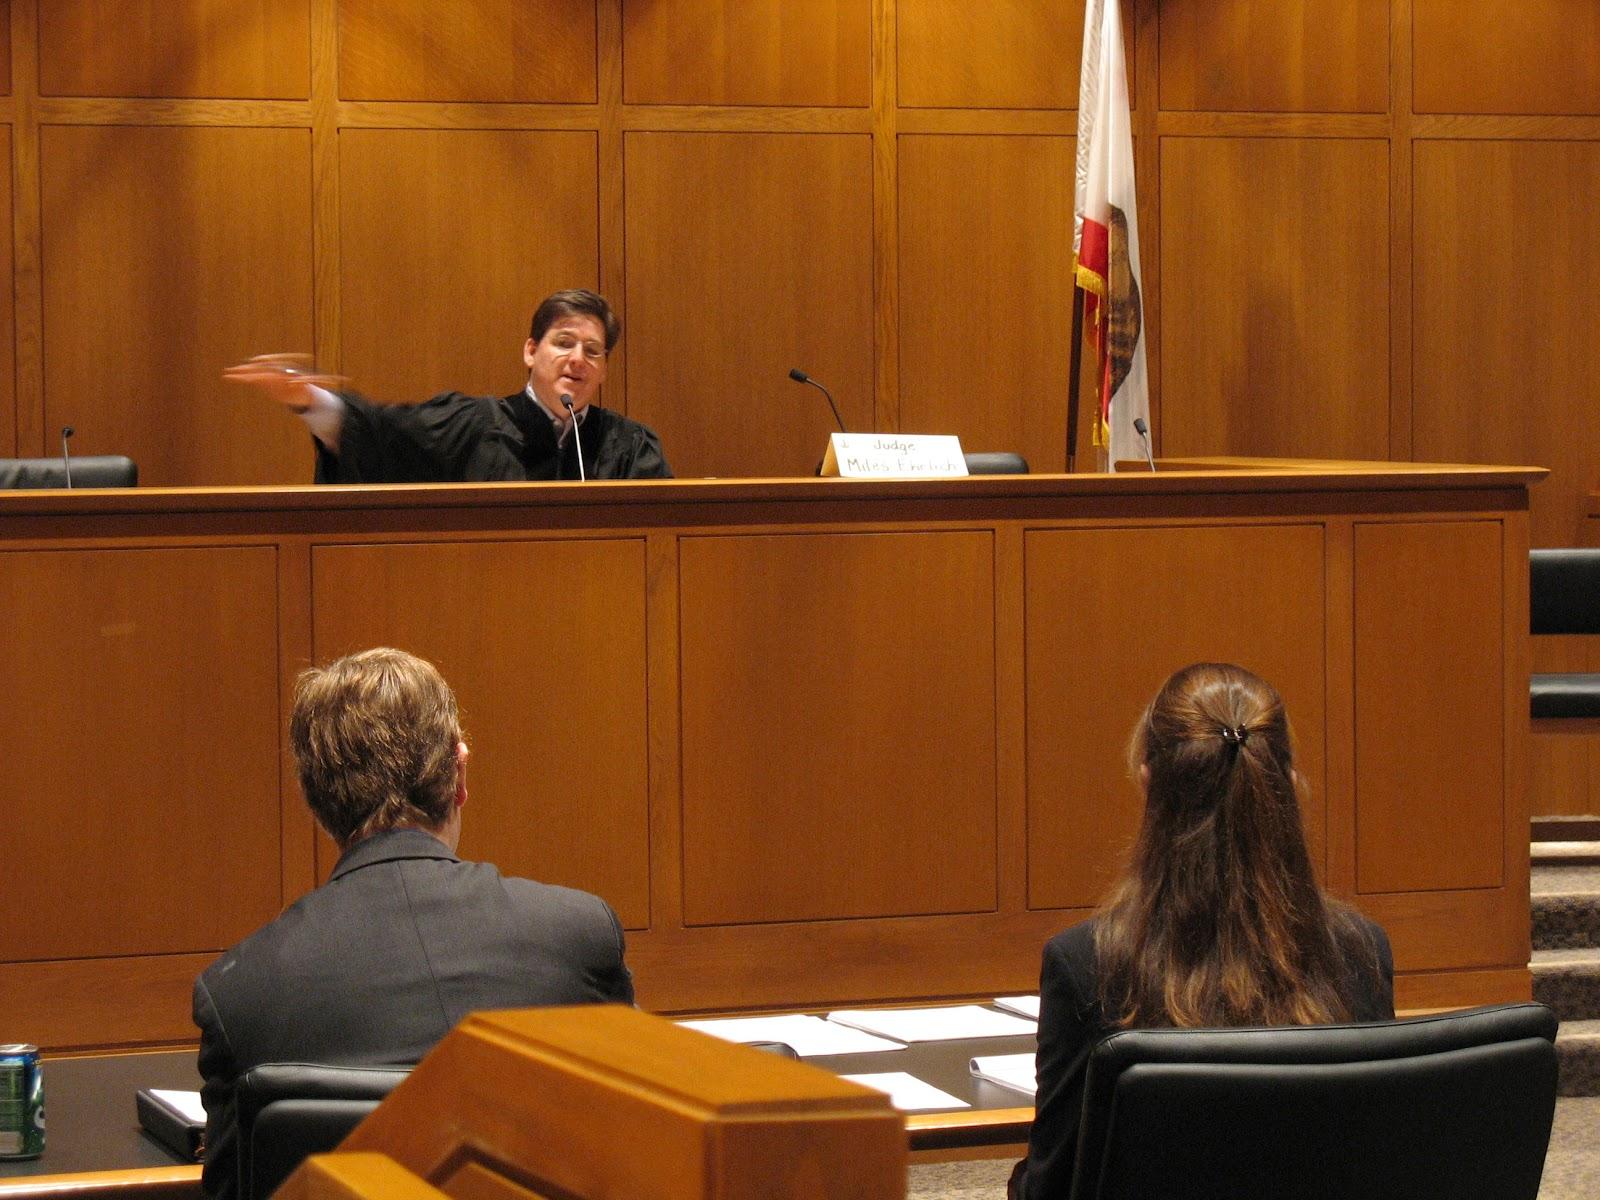 Miles_Ehrlich,_judge.jpg